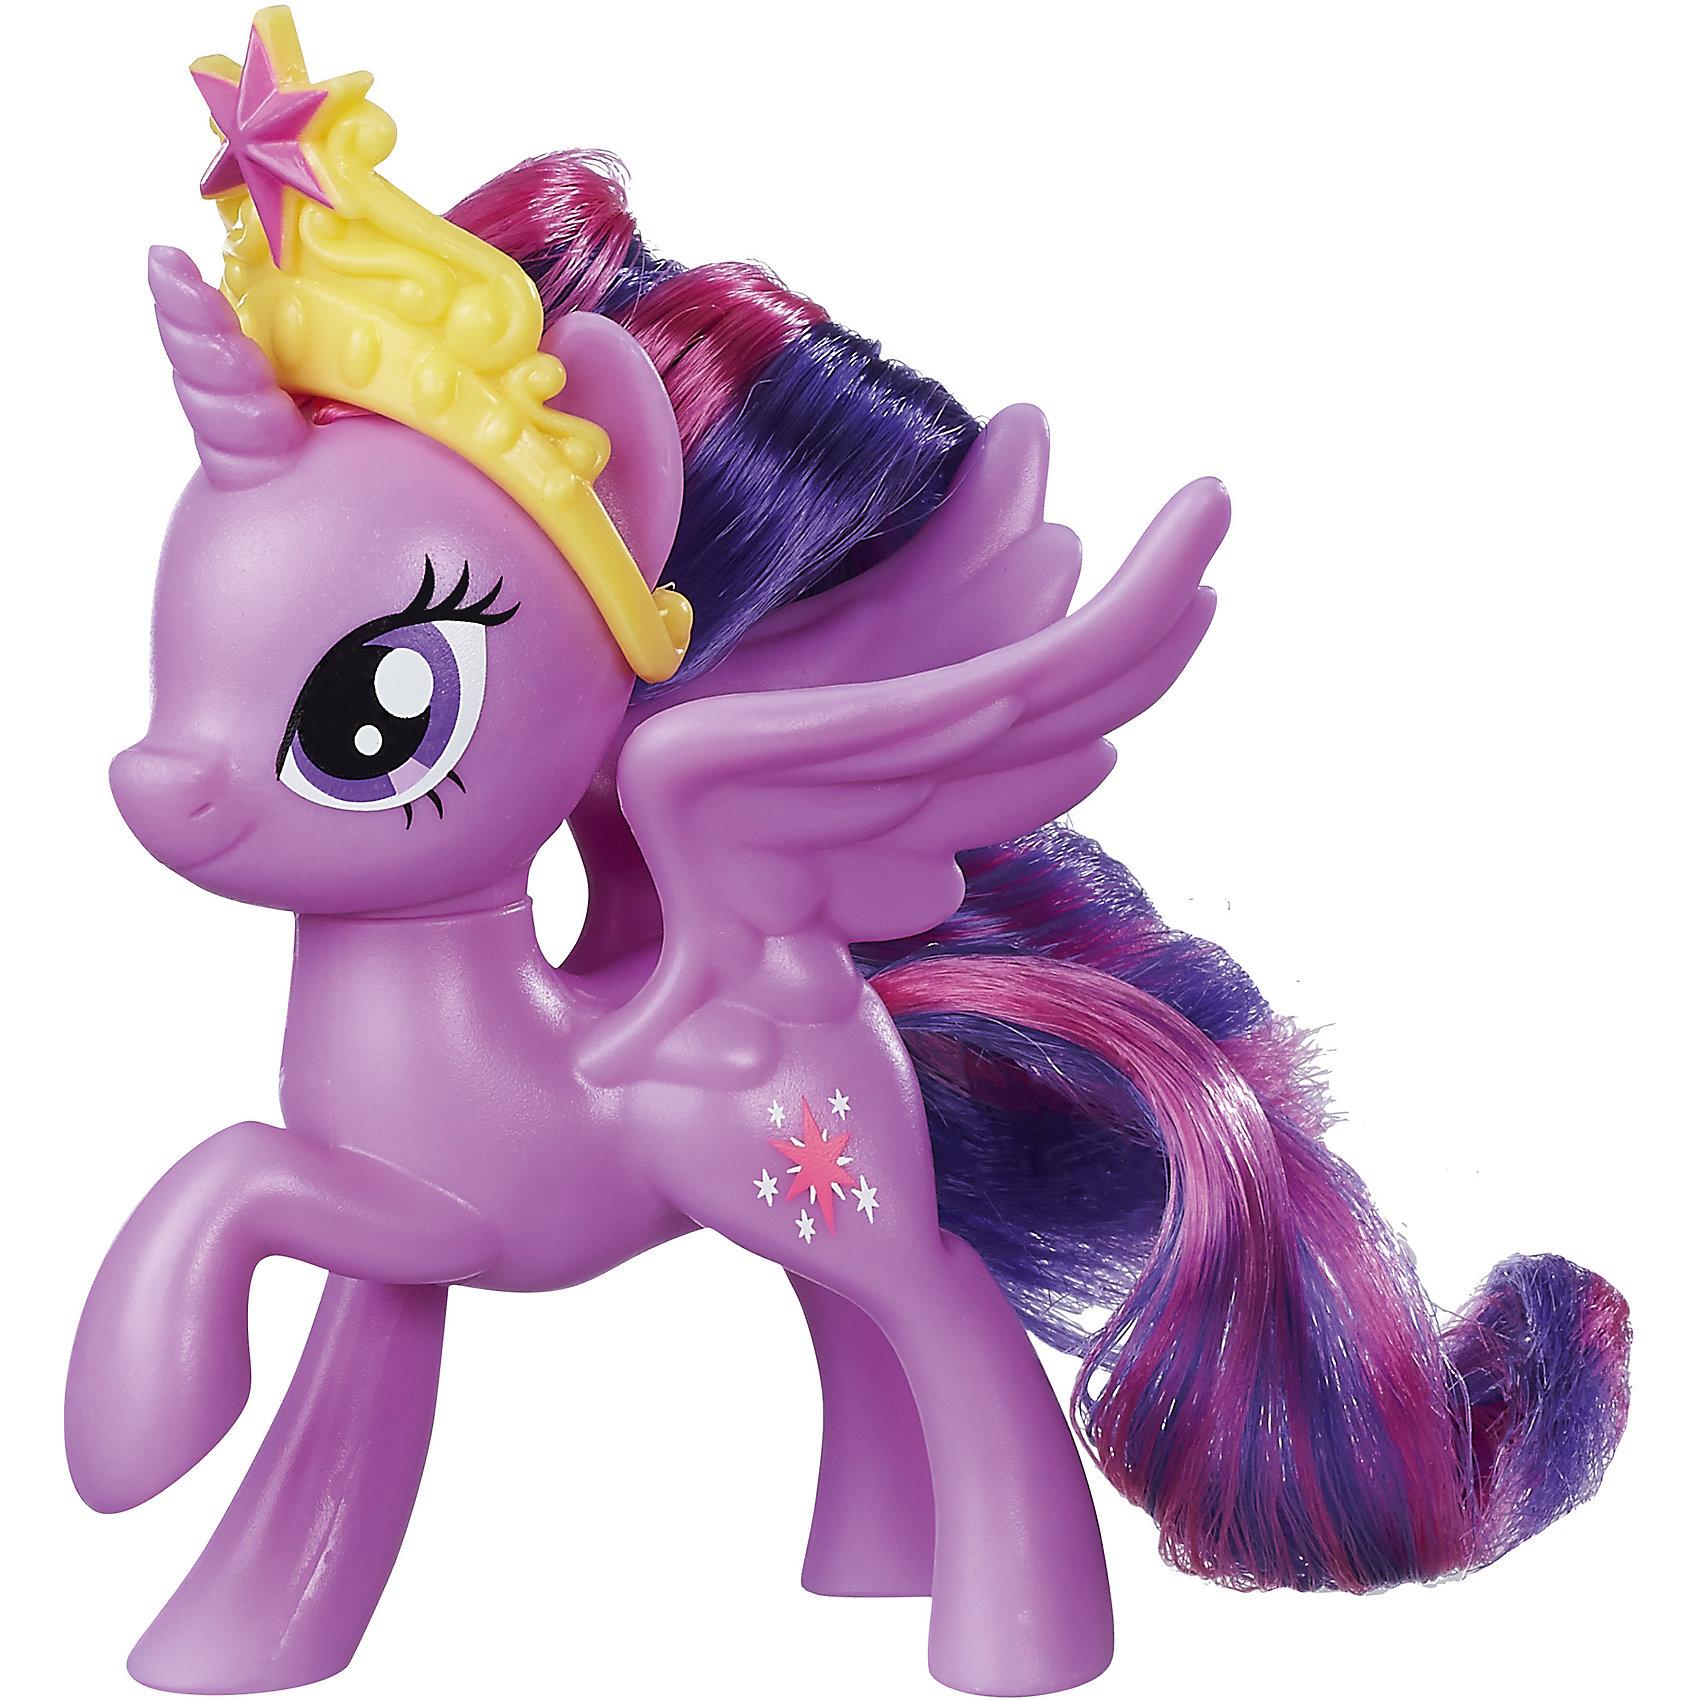 Пони-подружки, My little Pony, Twilight SparkleХарактеристики:<br><br>• Вид игр: сюжетно-ролевые, коллекционирование<br>• Пол: для девочек<br>• Коллекция: My little Pony<br>• Материал: пластик, нейлон<br>• Цвет: в ассортименте<br>• Комплектация: фигурка пони, аксессуар<br>• Высота фигурки: 7 см<br>• Вес в упаковке: 150 г<br>• Размеры упаковки (Д*Ш*В): 11,4*10,2*12,7 см<br>• Упаковка: блистер на картонной подложке <br><br>Пони-подружки, My little Pony, Twilight Sparkle – это новая коллекция бренда My little Pony от Хасбро. Особенности фигурок данной коллекции заключаются в том, что пони миниатюрного размера выполнены из пластика с высокой степенью детализации мимики. Каждая пони изготовлена в динамической позе, что делает визуально их еще более живыми и правдоподобными. Фигурка выполнена из экологически безопасного и прочного пластика, который устойчив к физическим и механическим повреждениям, окрашены нетоксичными яркими красками, которые не изменяют свой цвет даже при длительной эксплуатации. Игры с такими фигурками будут способствовать развитию фантазии, воображения, научат девочку следить за своим внешним видом. Игрушка упакована в яркую коробку с блистером. Пони-подружки, My little Pony, Twilight Sparkle – это замечательный подарок для поклонников этой серии!<br><br>Пони-подружек, My little Pony, в ассортименте можно купить в нашем интернет-магазине.<br><br>Ширина мм: 48<br>Глубина мм: 127<br>Высота мм: 152<br>Вес г: 67<br>Возраст от месяцев: 36<br>Возраст до месяцев: 120<br>Пол: Женский<br>Возраст: Детский<br>SKU: 5363498